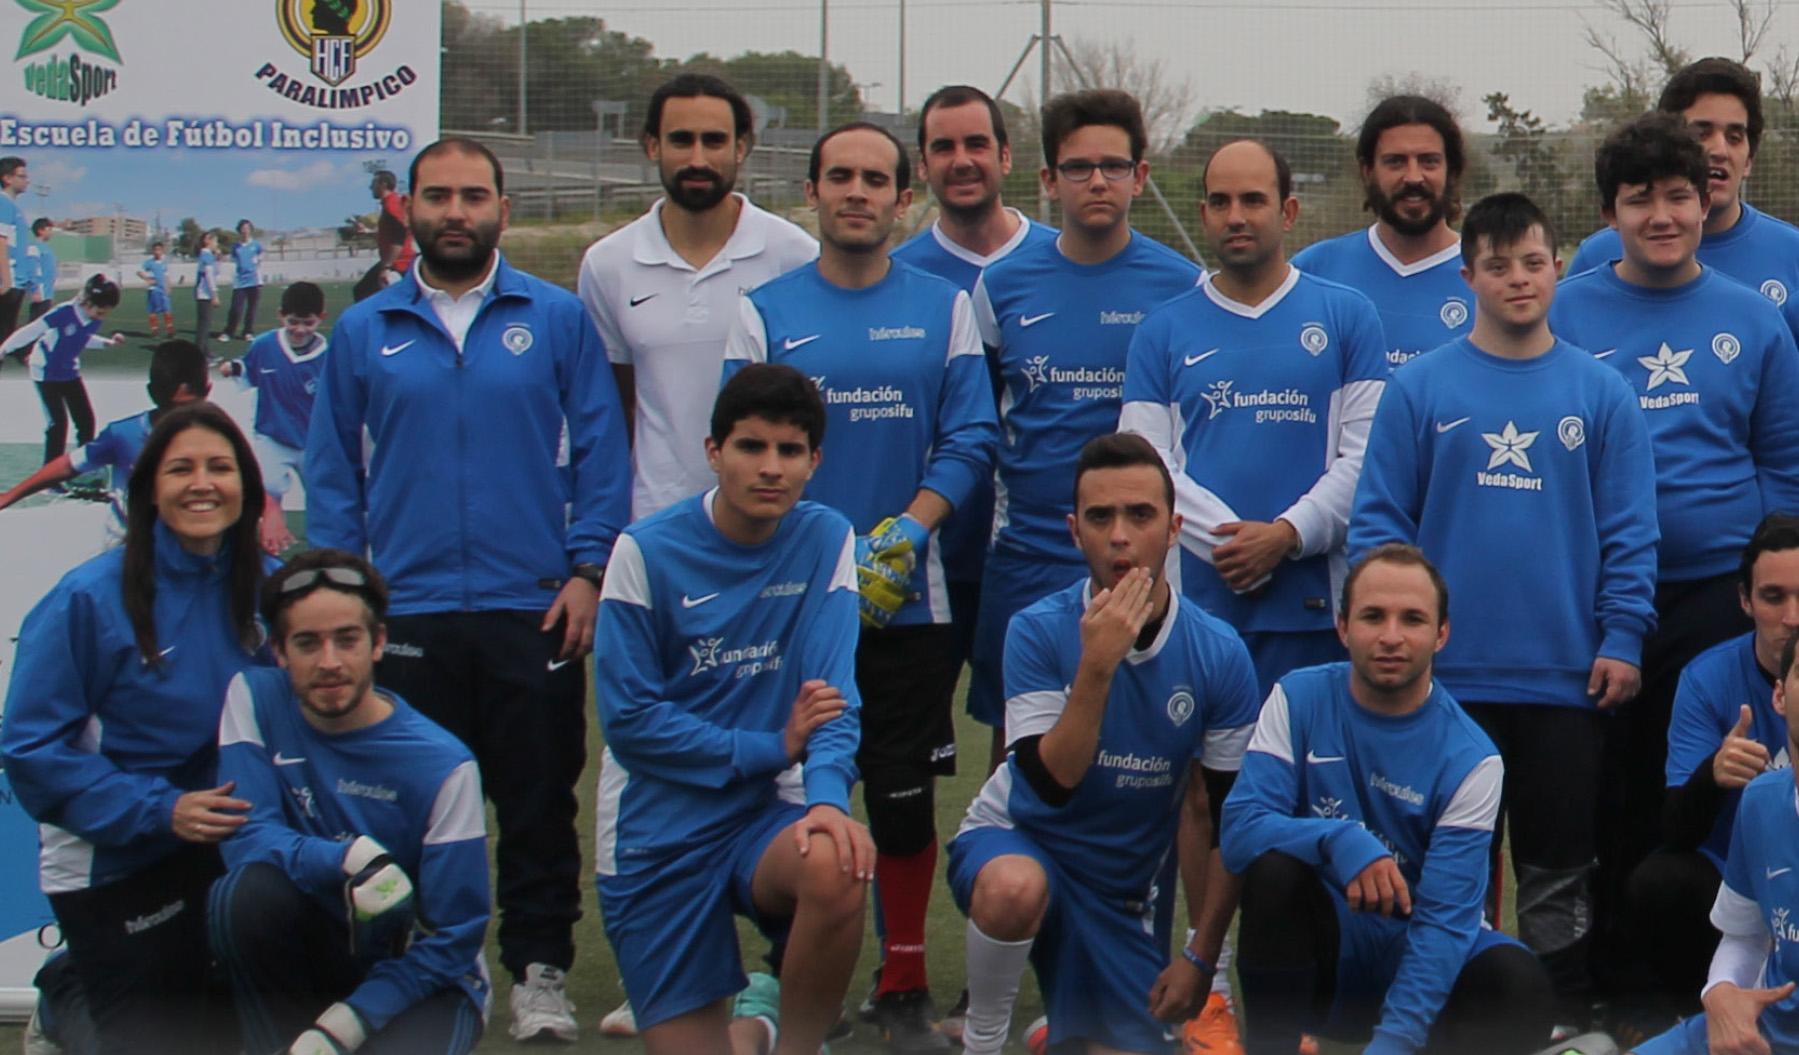 HÉRCULES PARALÍMPICO: Equipo y escuela de fútbol para personas con diversidad funcional